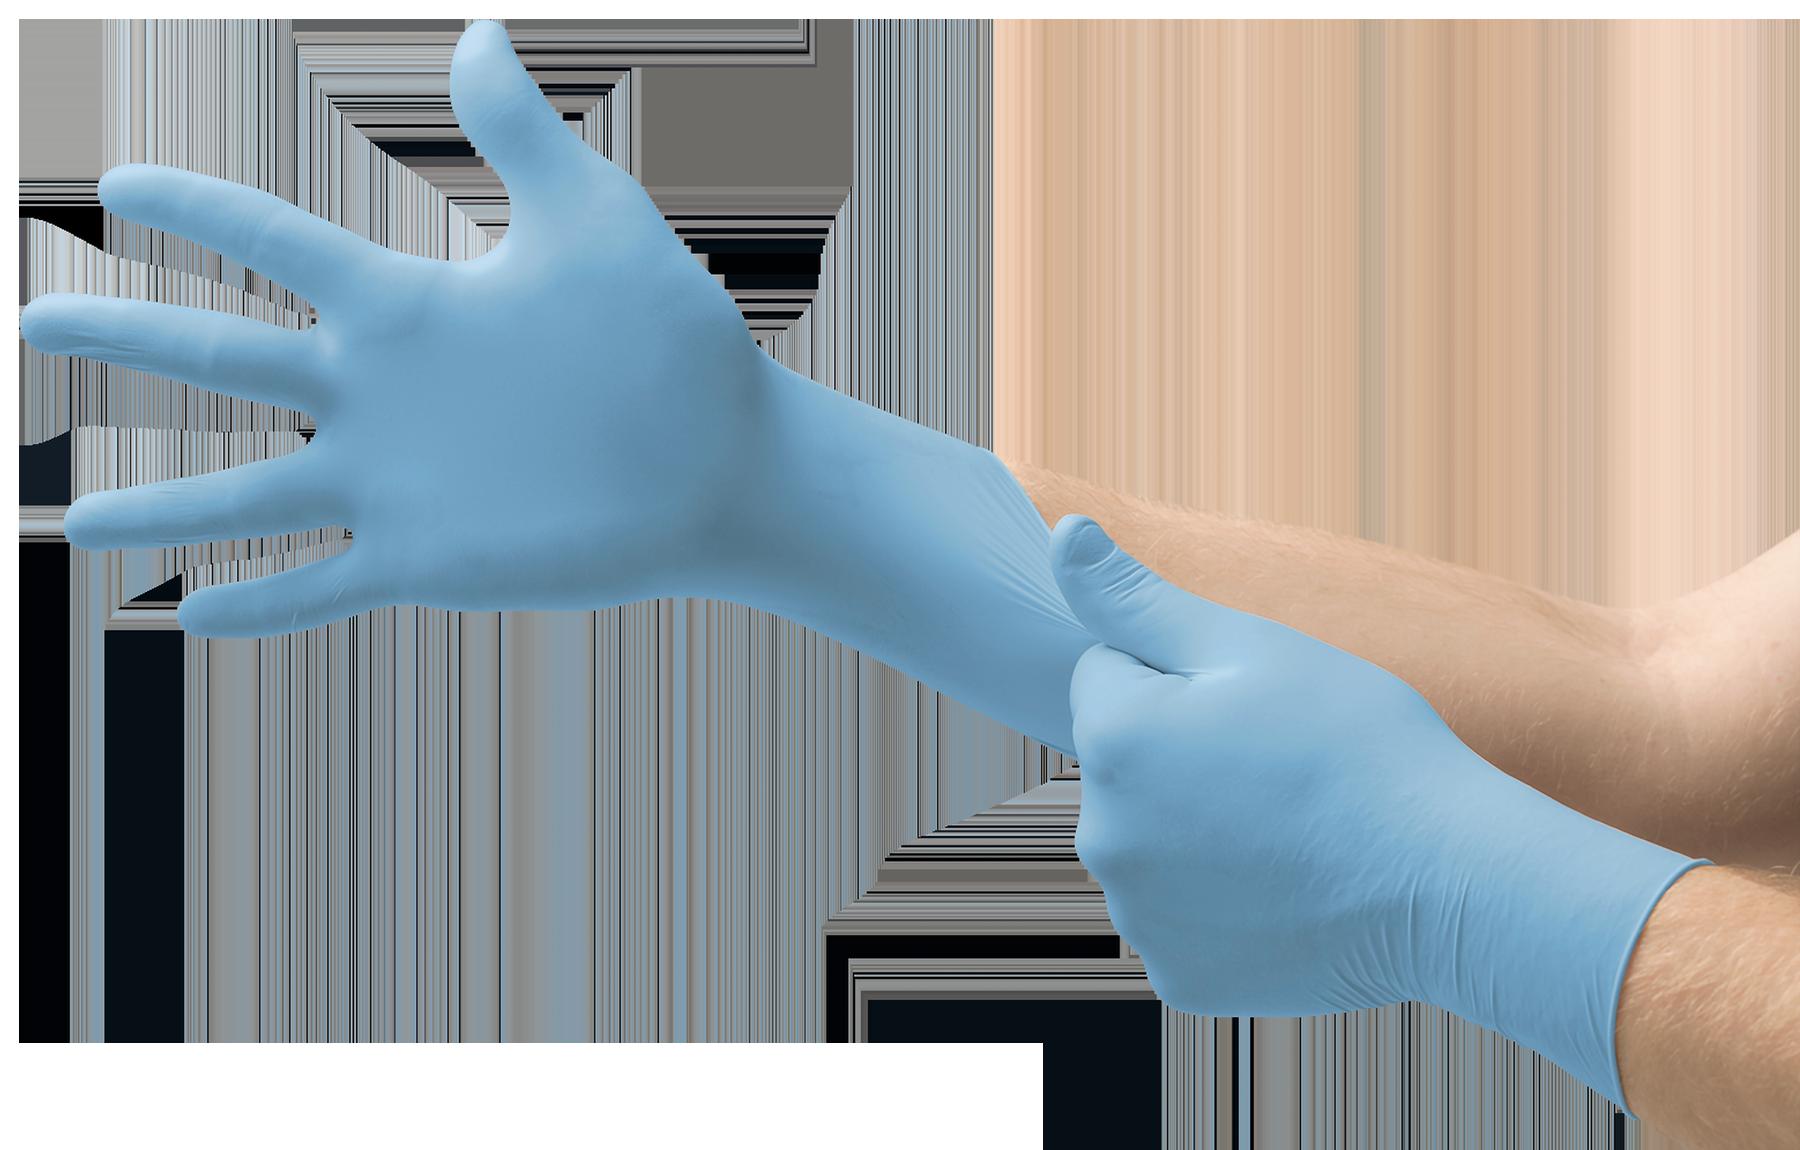 Ansell VersaTouch 92-481 Nitril Handschuhe 100 Handschuhe pro Spender Hellblau Chemikalien- und Fl/üssigkeitsschutz Gr/ö/ße 6.5-7